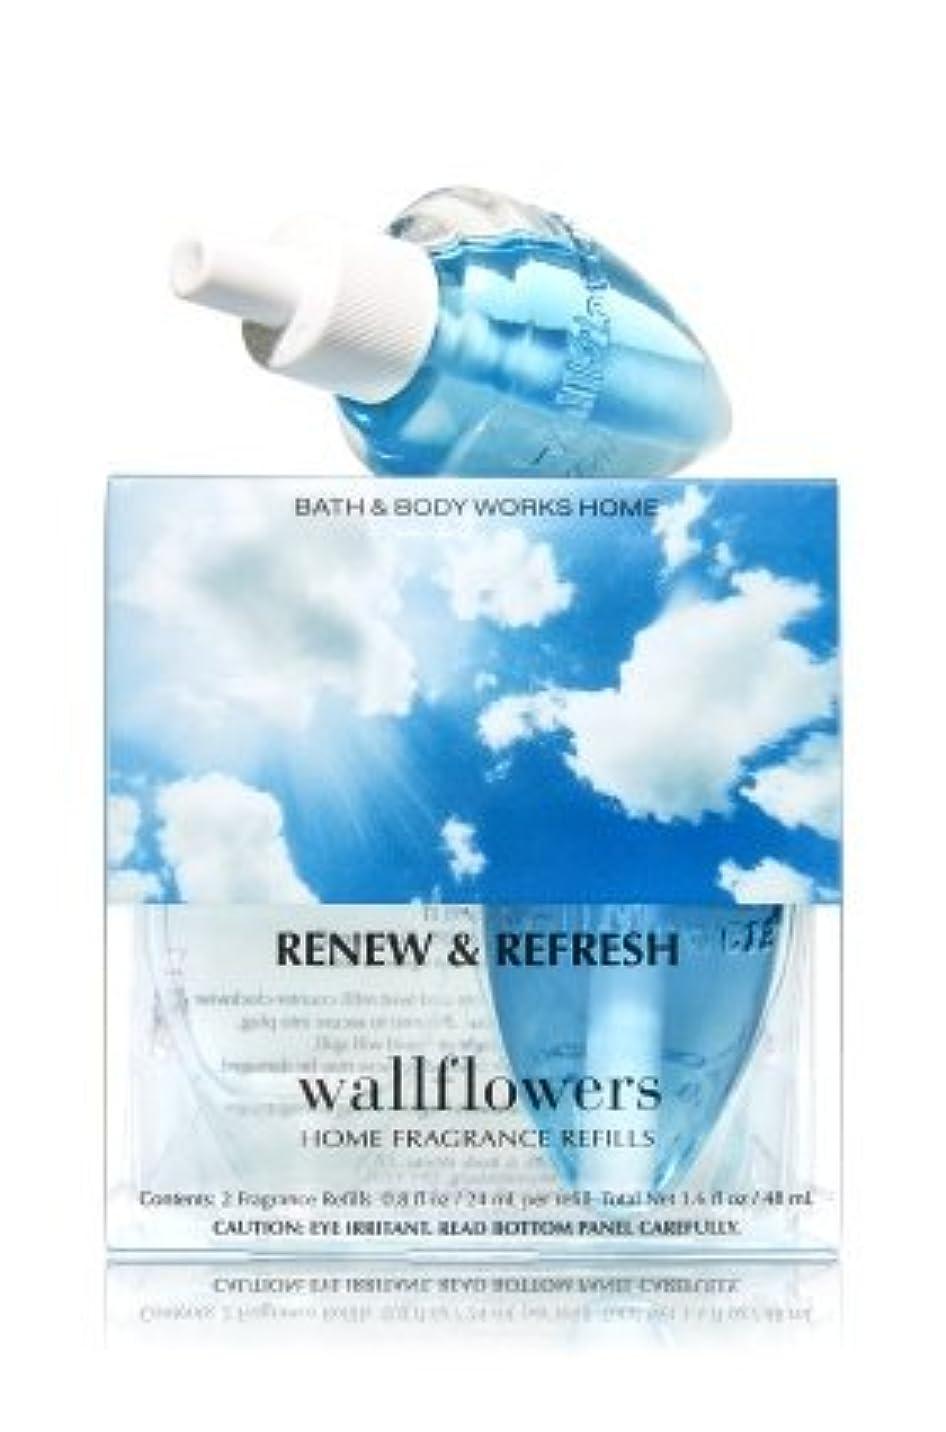 ファイアル永遠に後継【Bath&Body Works/バス&ボディワークス】 ホームフレグランス 詰替えリフィル(2個入り) リニュー&リフレッシュ Wallflowers Home Fragrance 2-Pack Refills Renew & Refresh [並行輸入品]